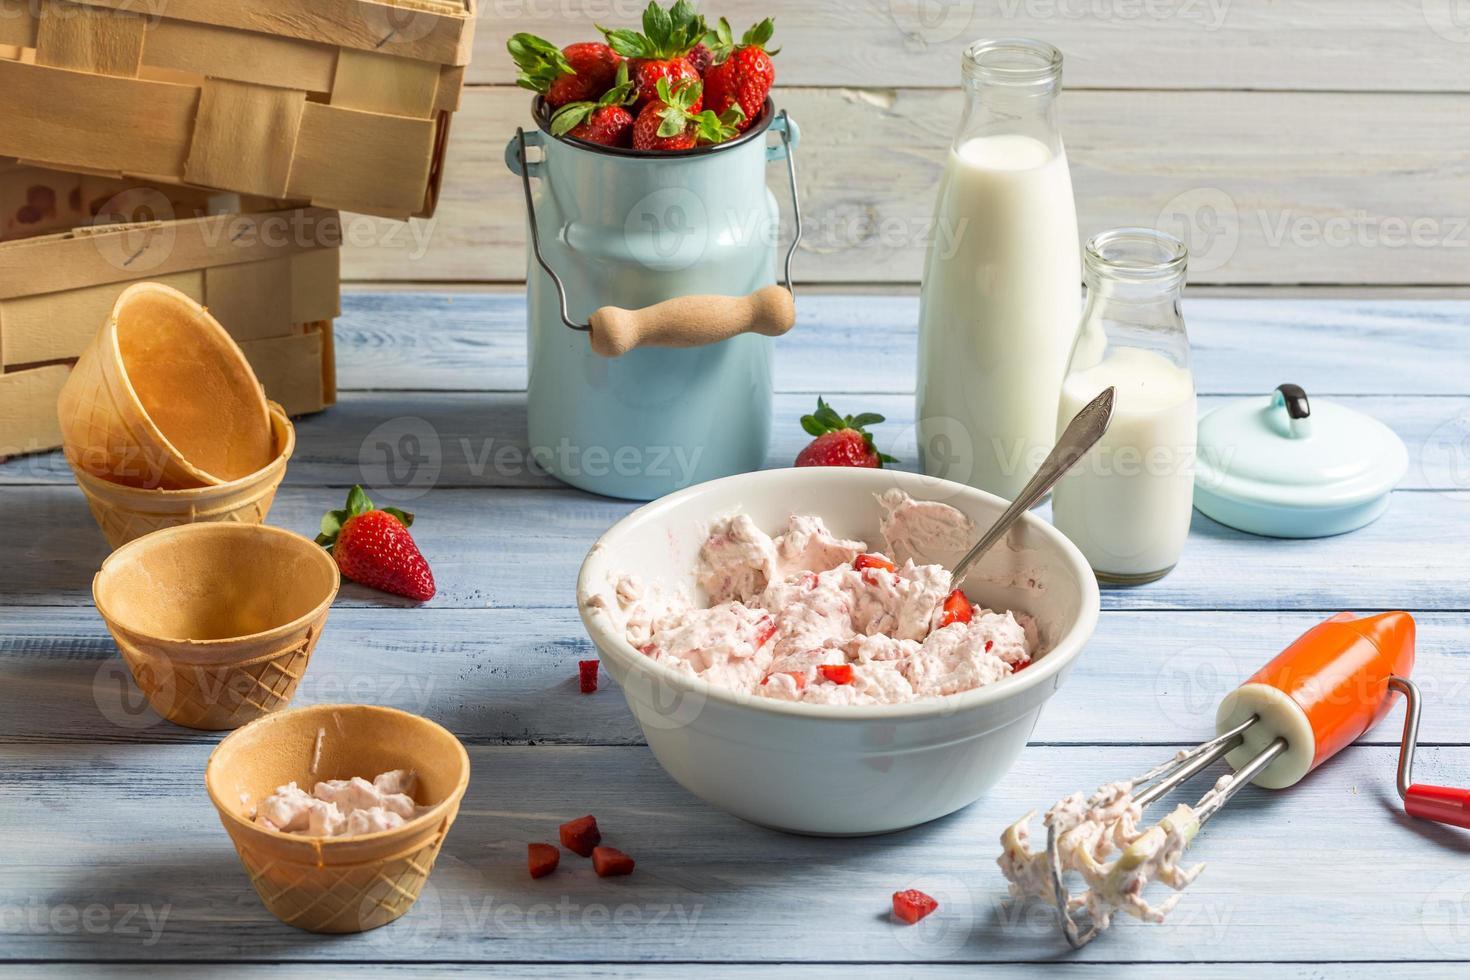 vispad grädde och färska jordgubbar som ingredienser för iskräm foto